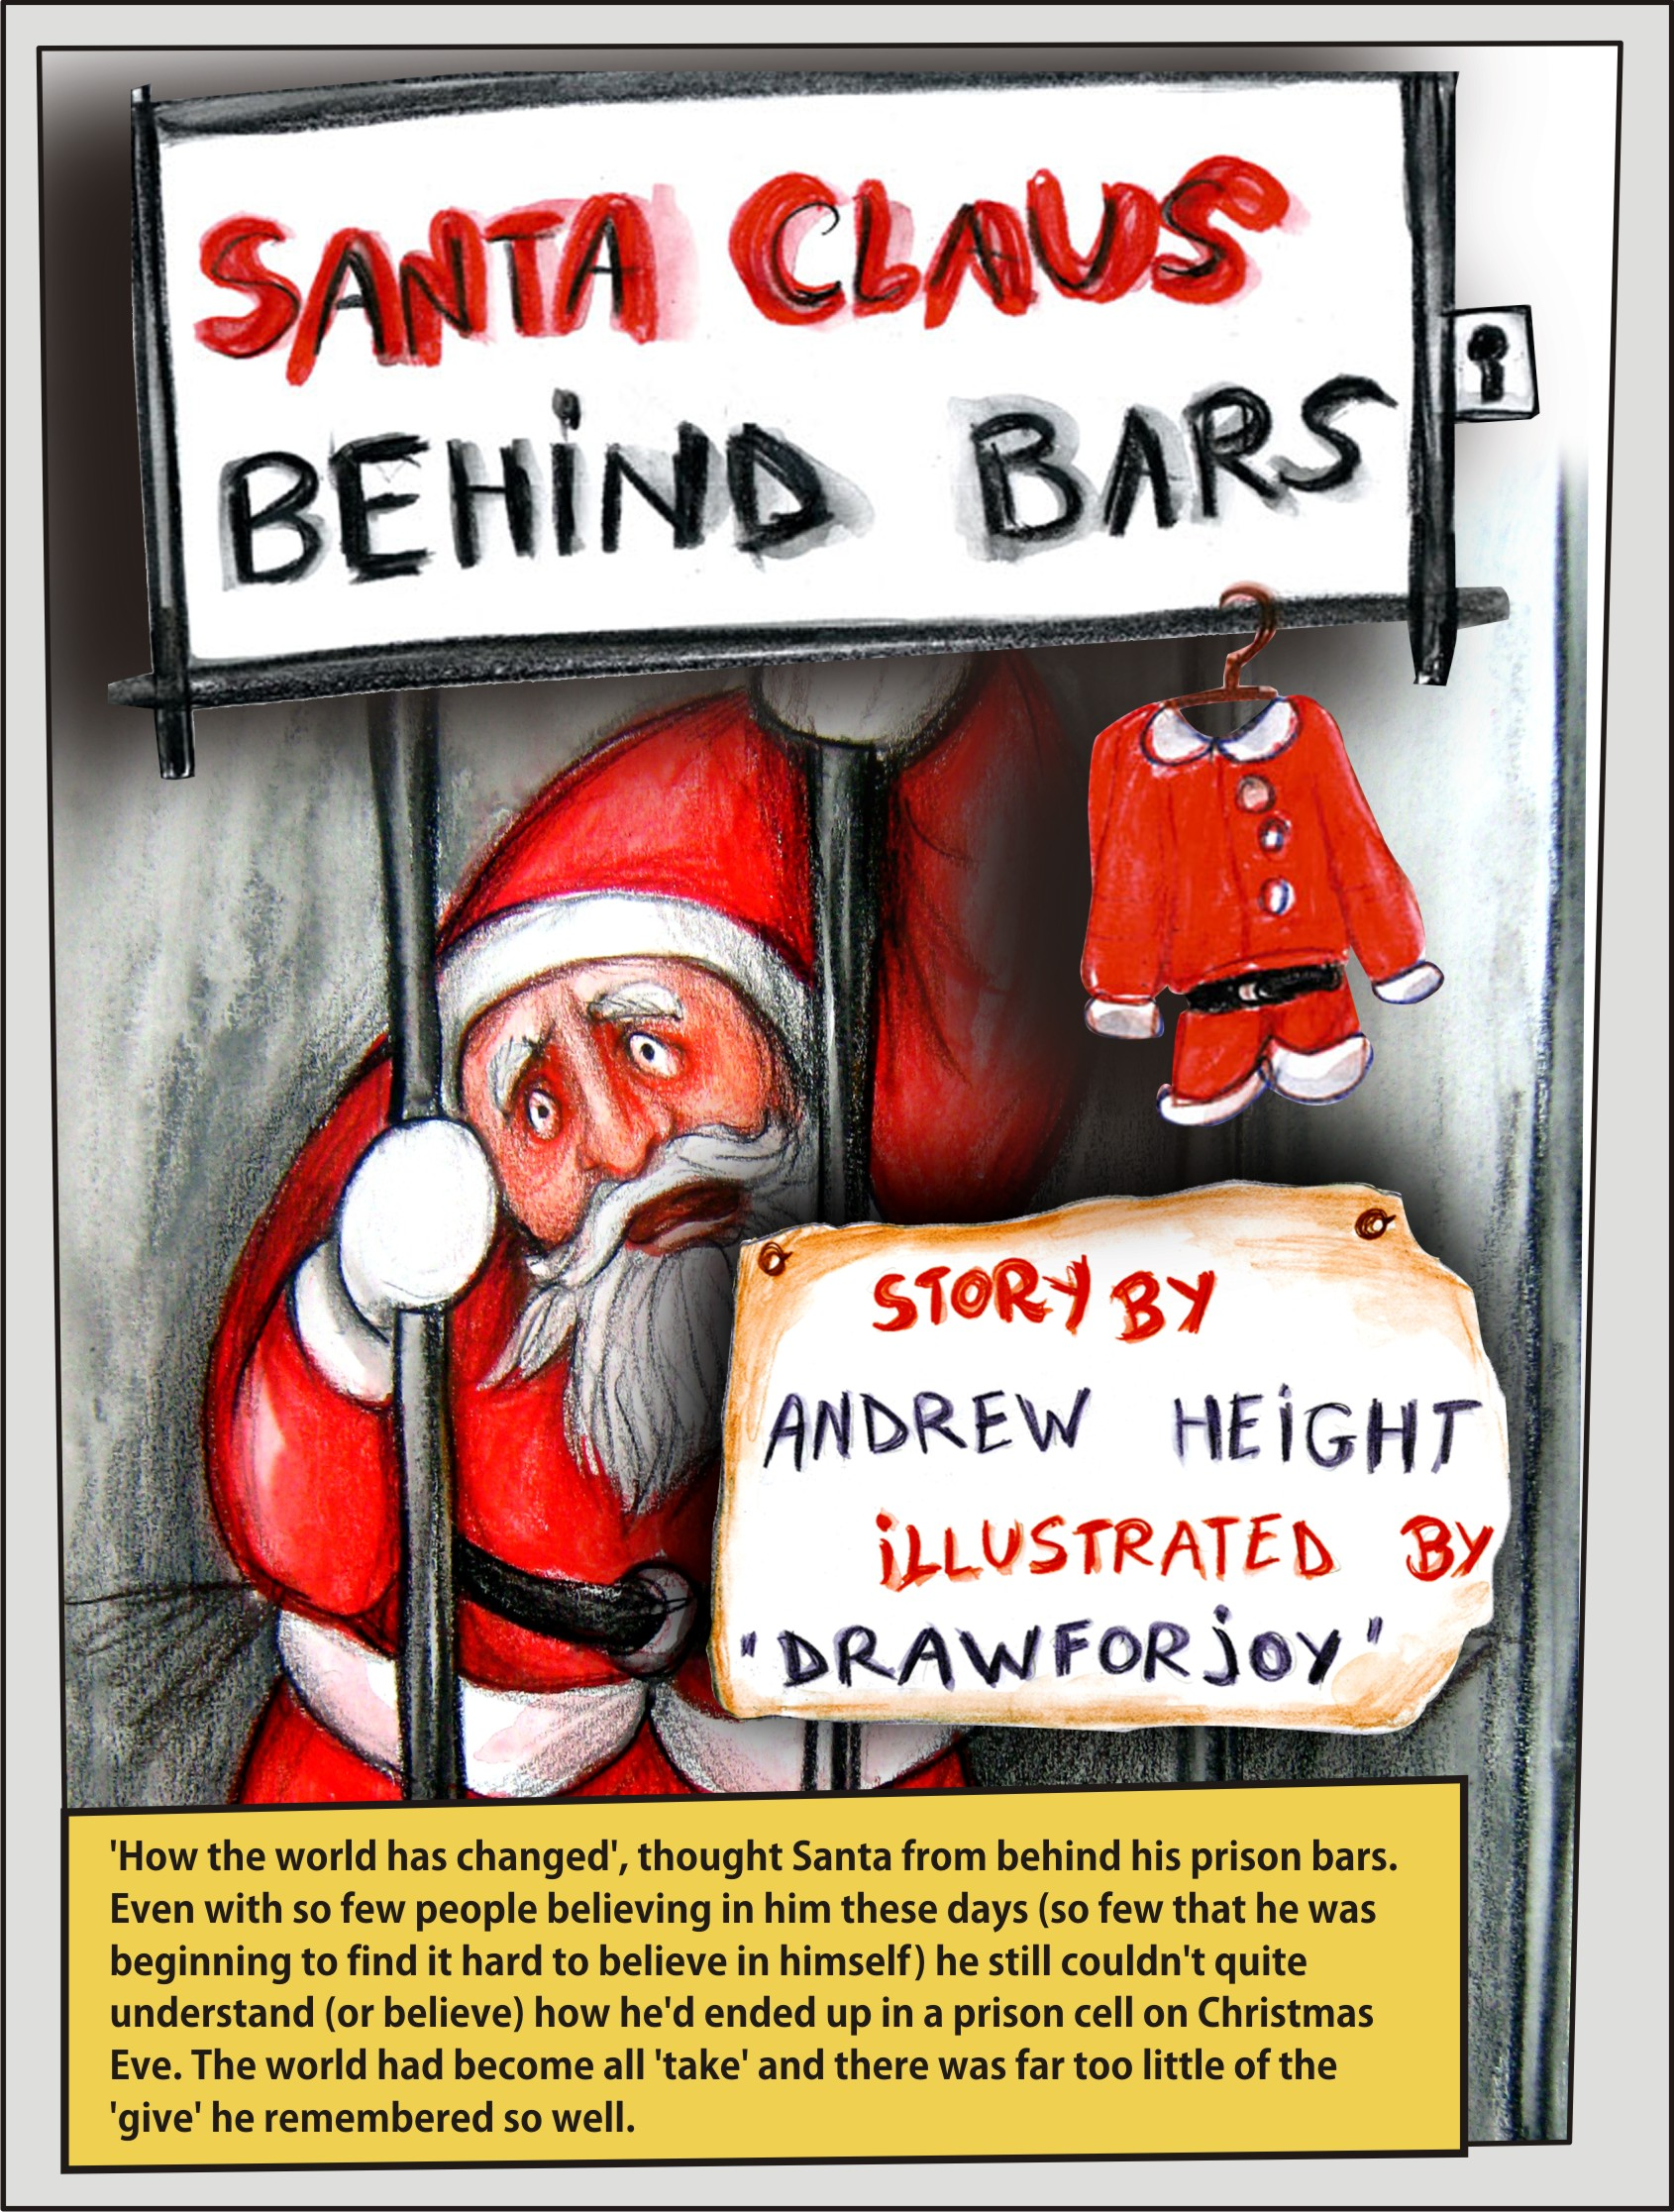 Santa Claus Behind Bars | DRAW FOR JOY